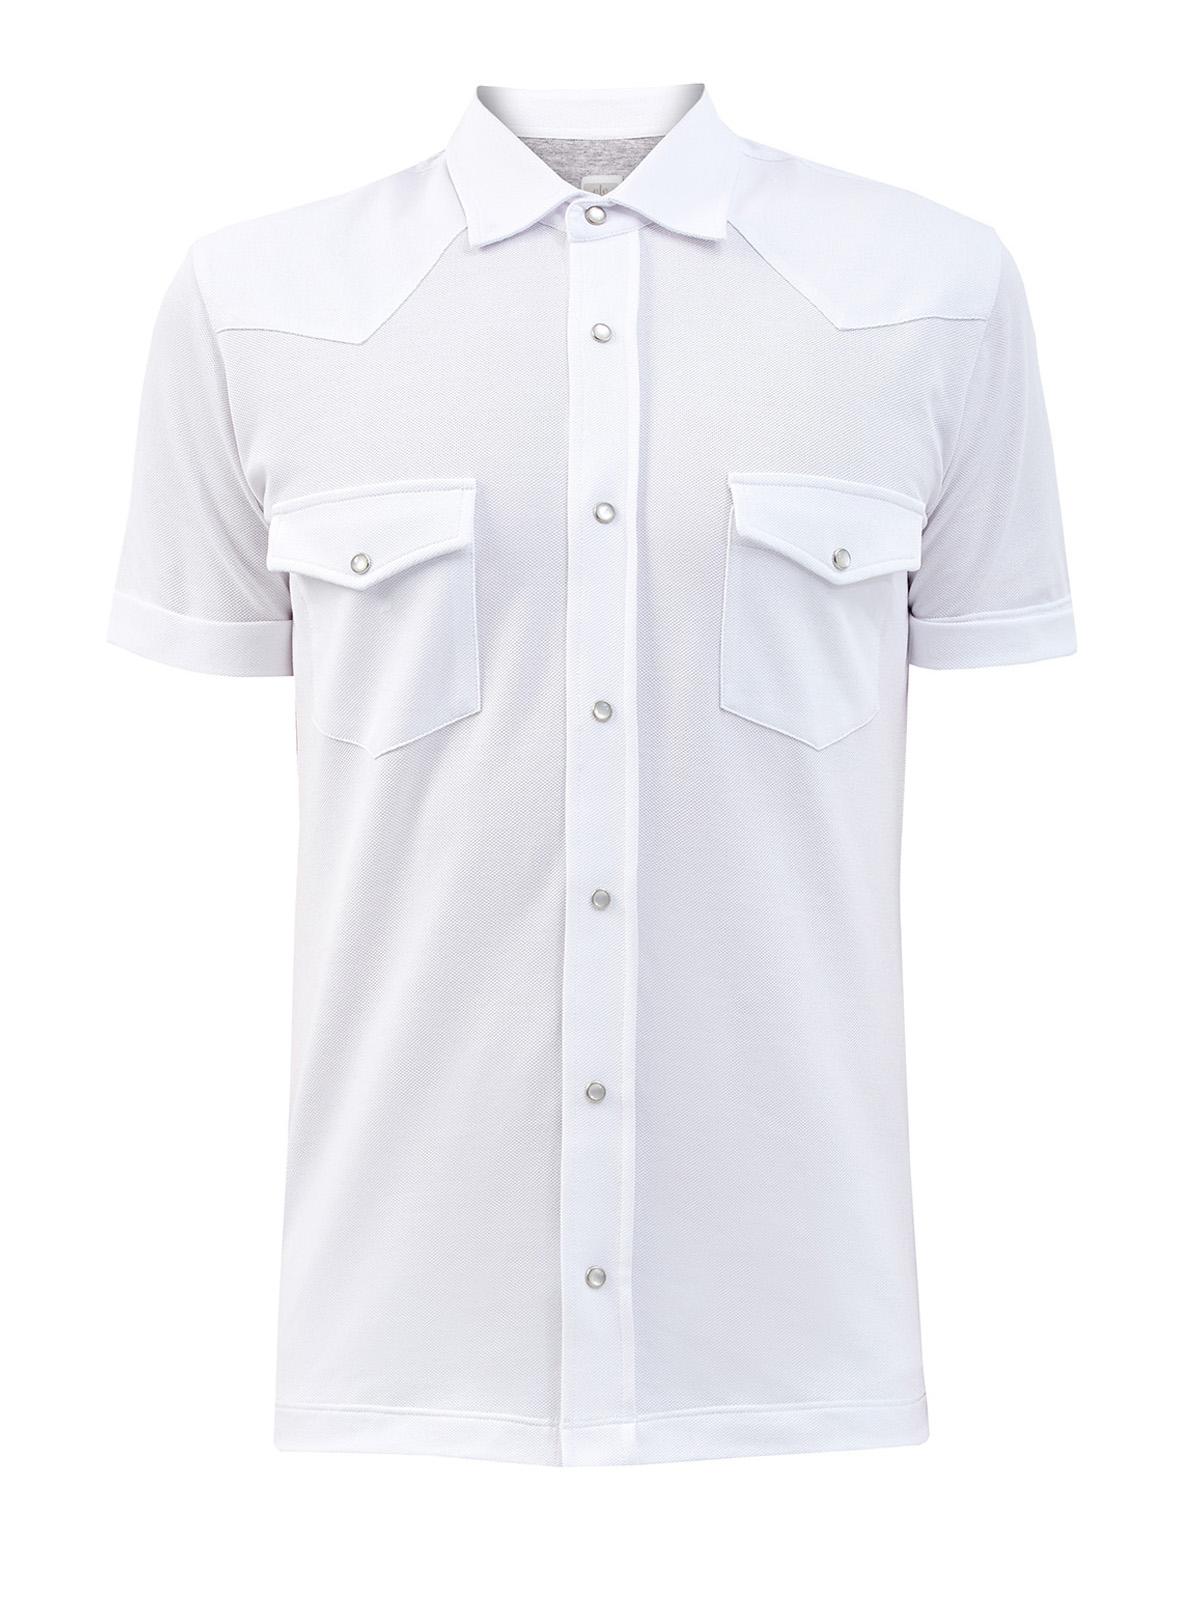 Рубашка излегкого хлопкового пике сперламутровой фурнитурой